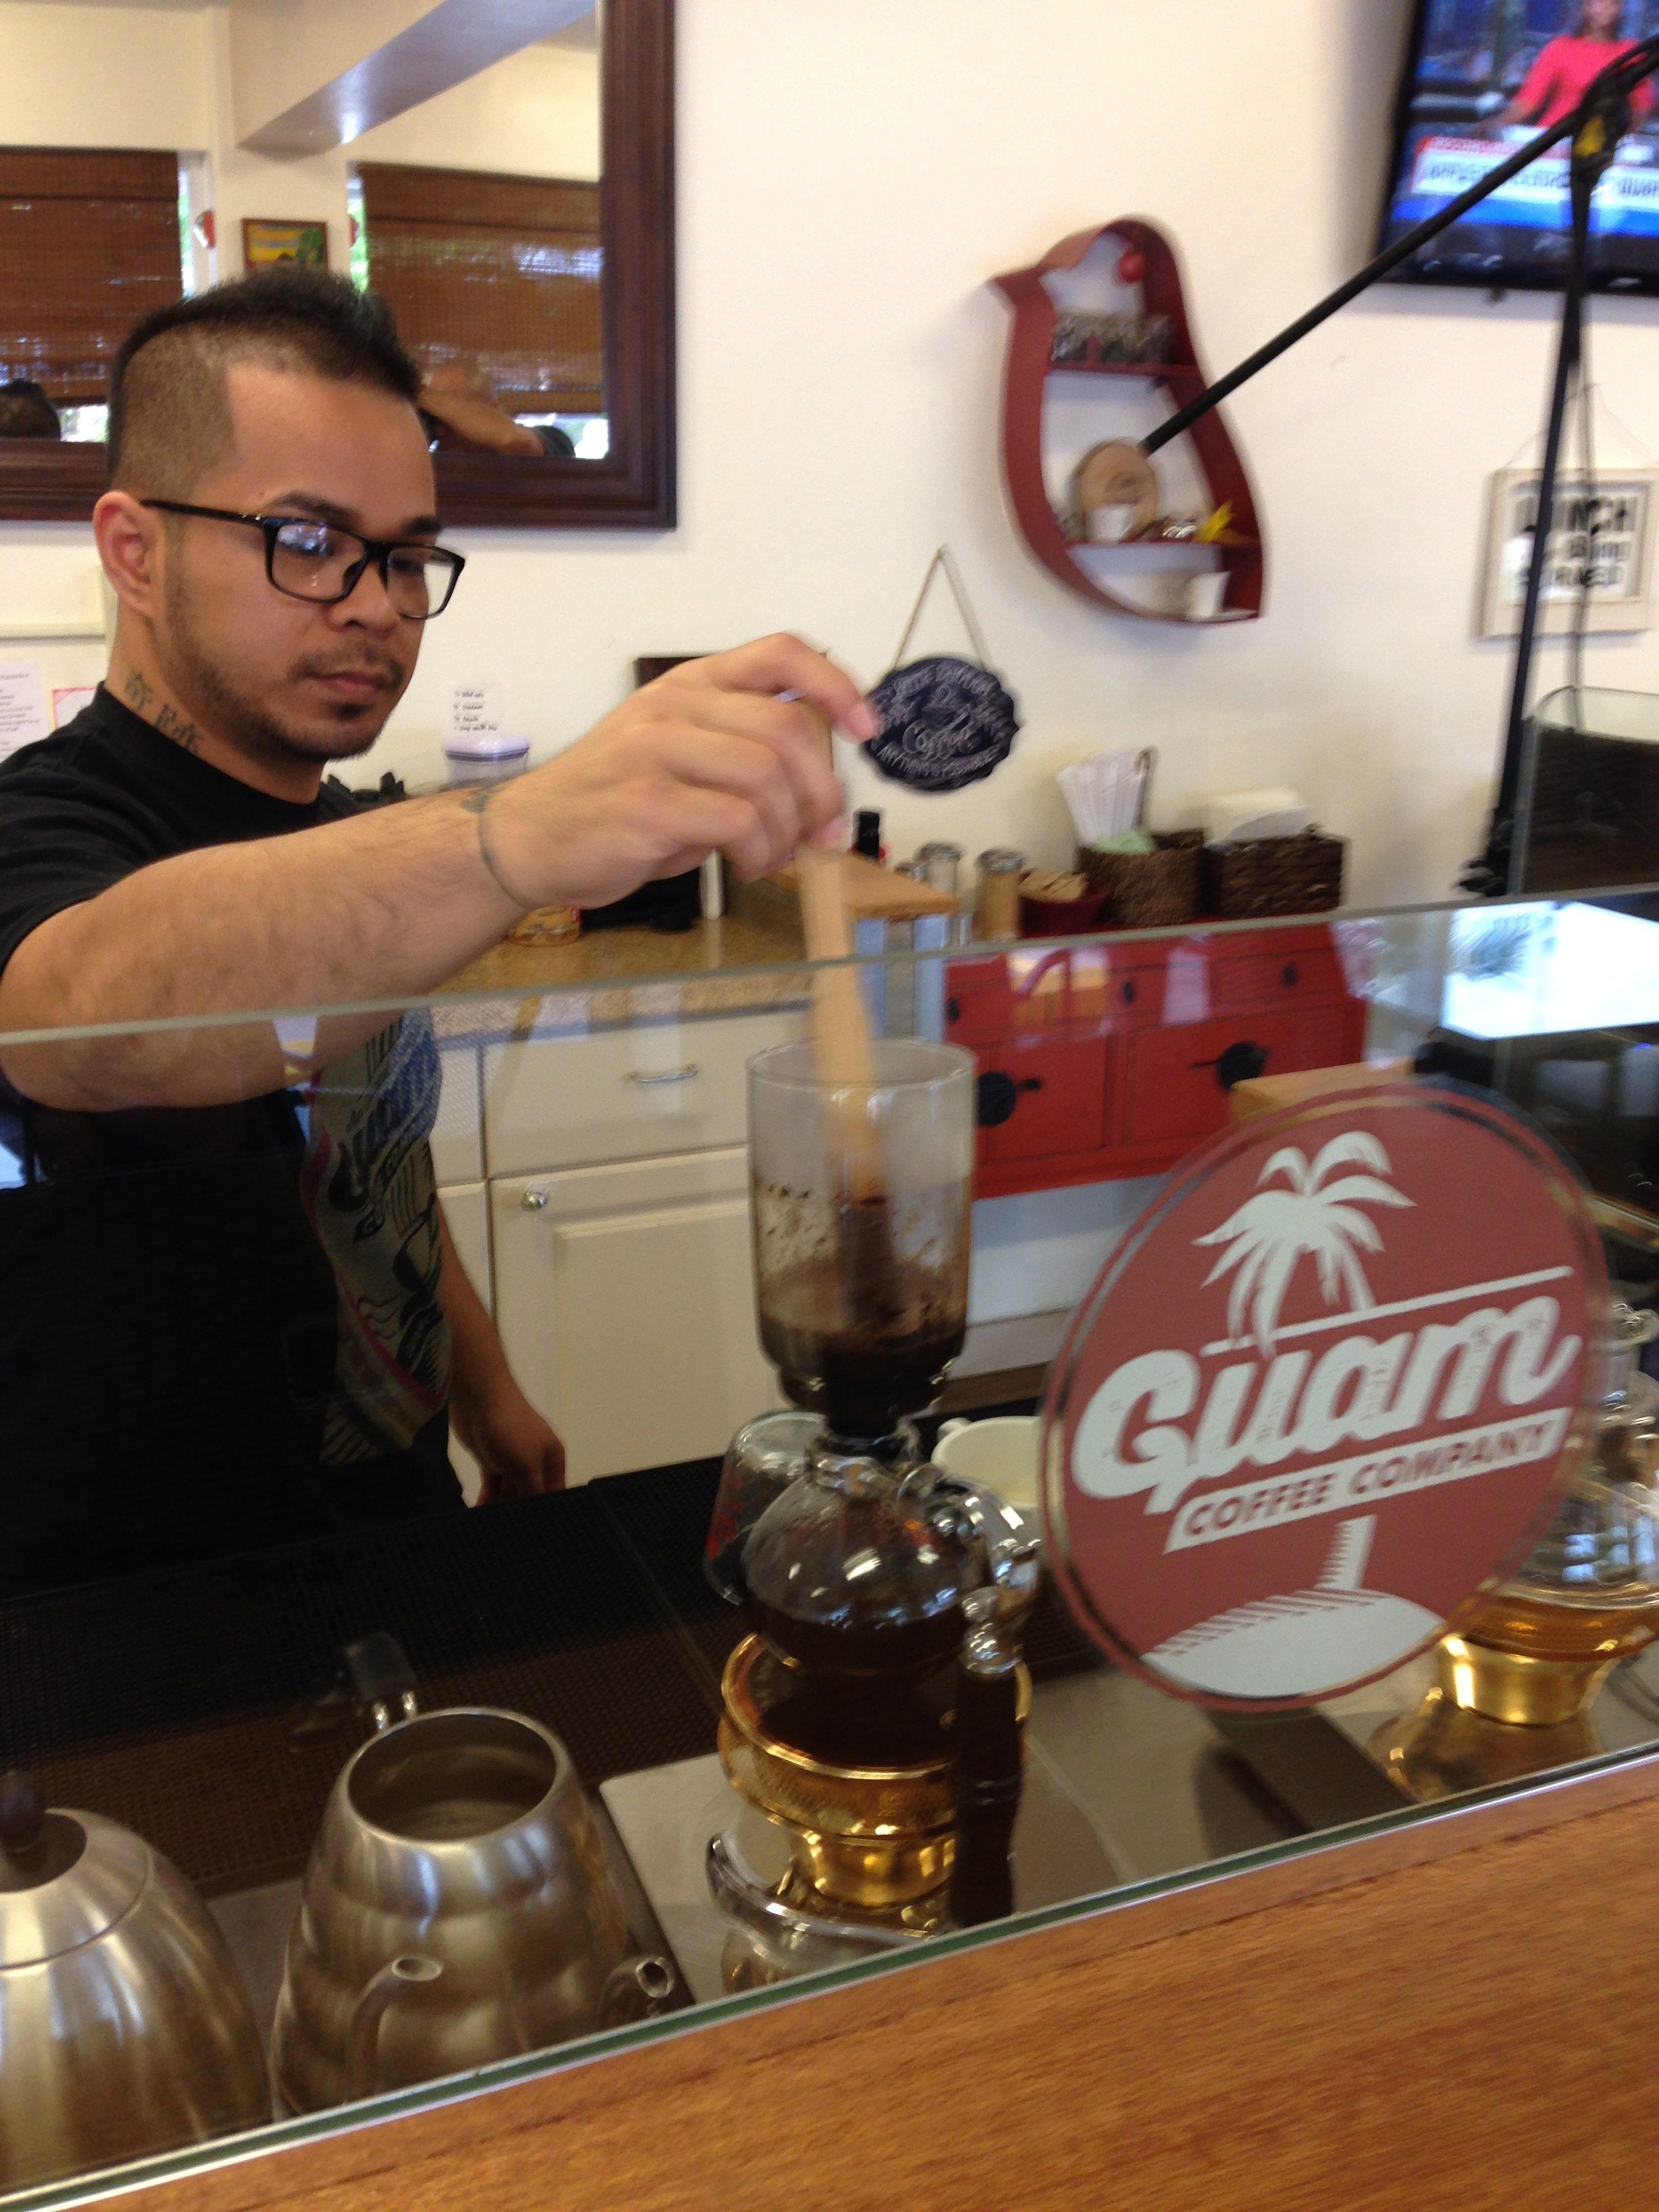 オーダーが入ってから豆を挽いて丁寧にコーヒーを淹れてくれます。